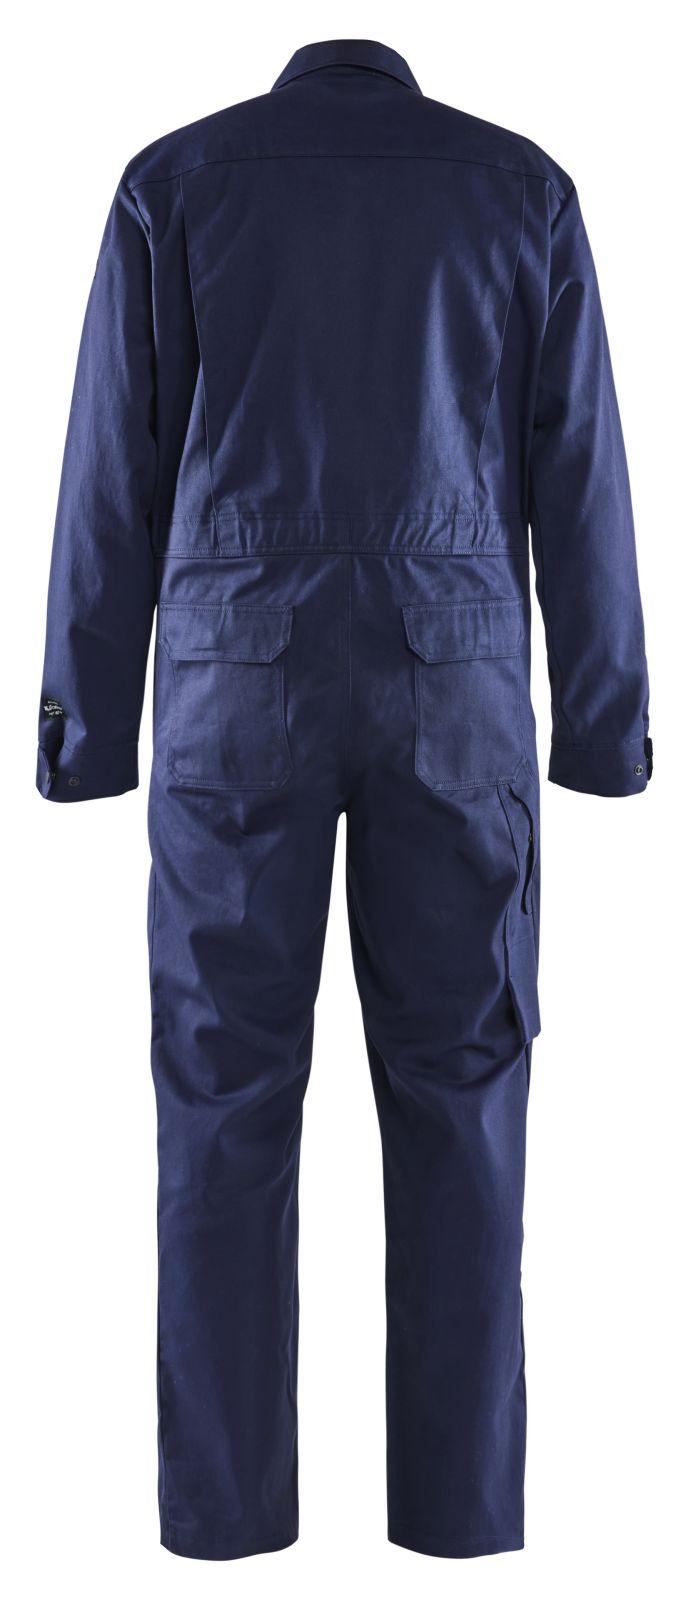 Blaklader Overalls 67041516 Vlamvertragend marineblauw(8900)